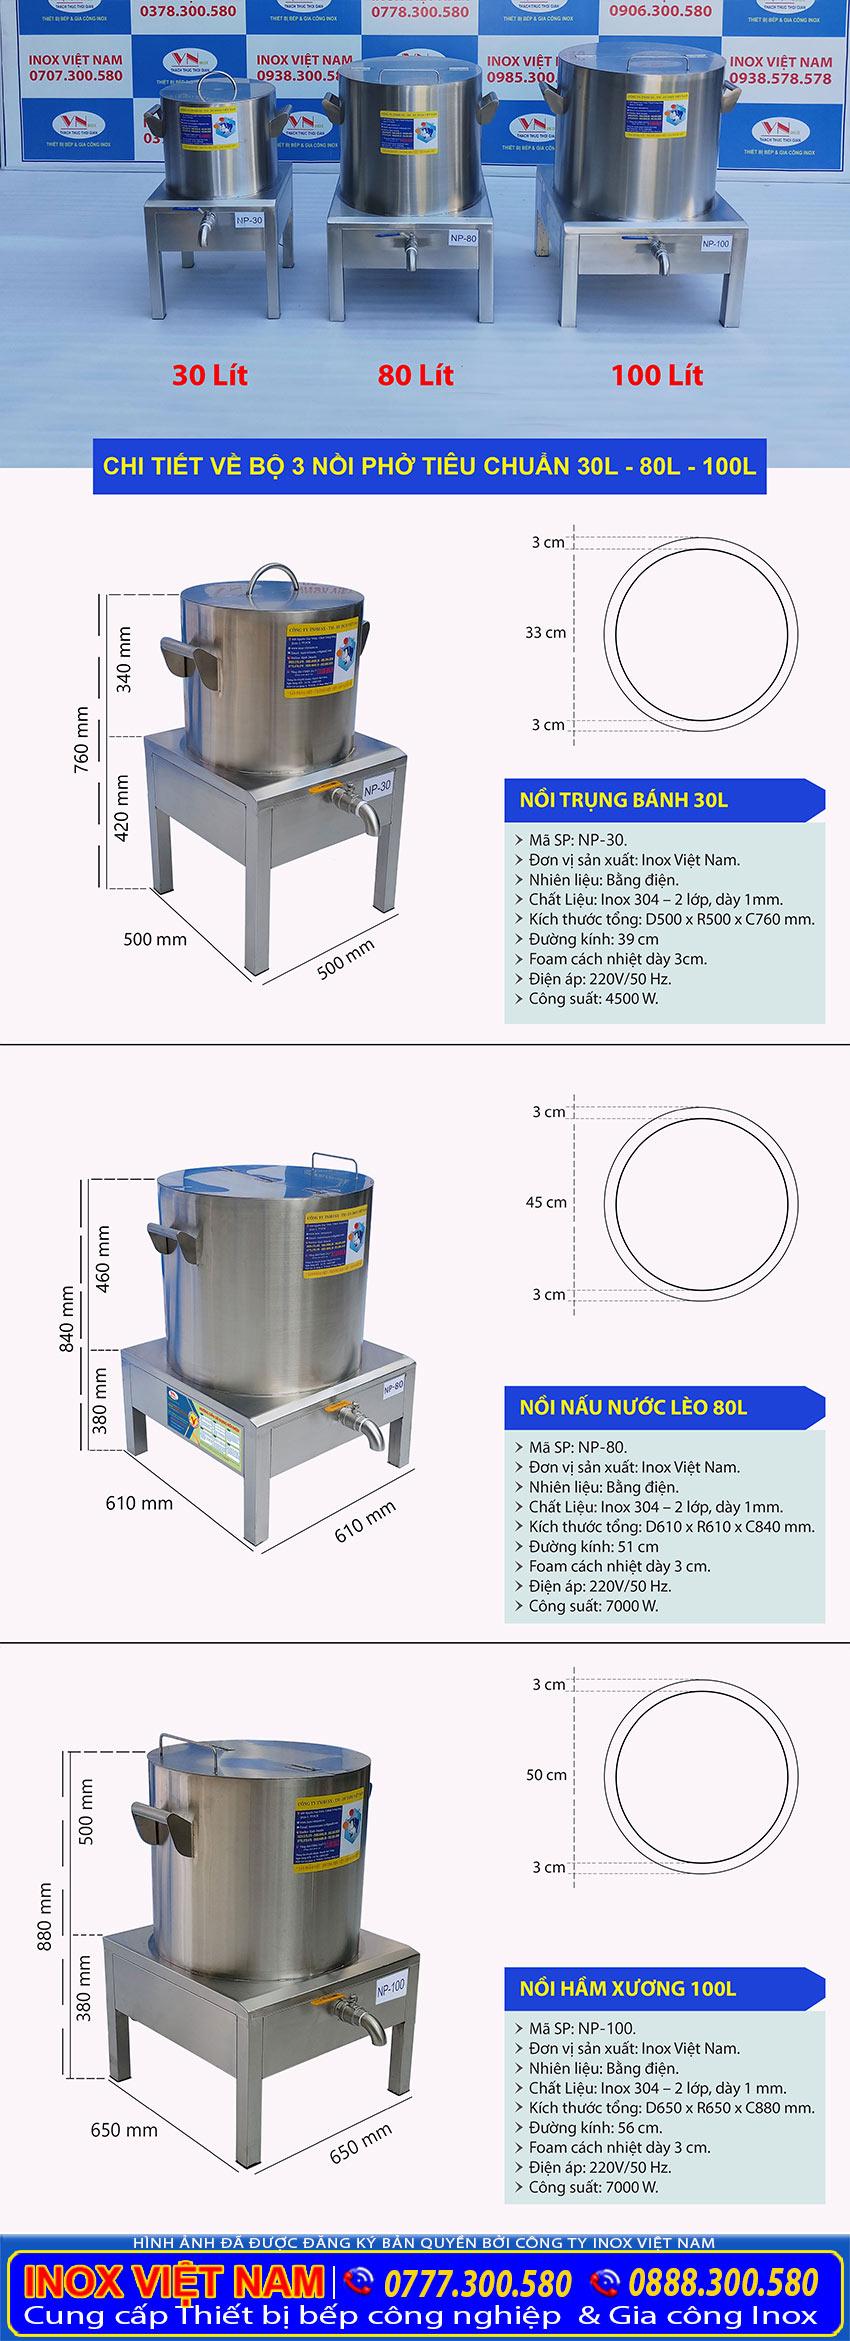 kích thước bộ nồi điện nấu phở 30L - 80L - 100L